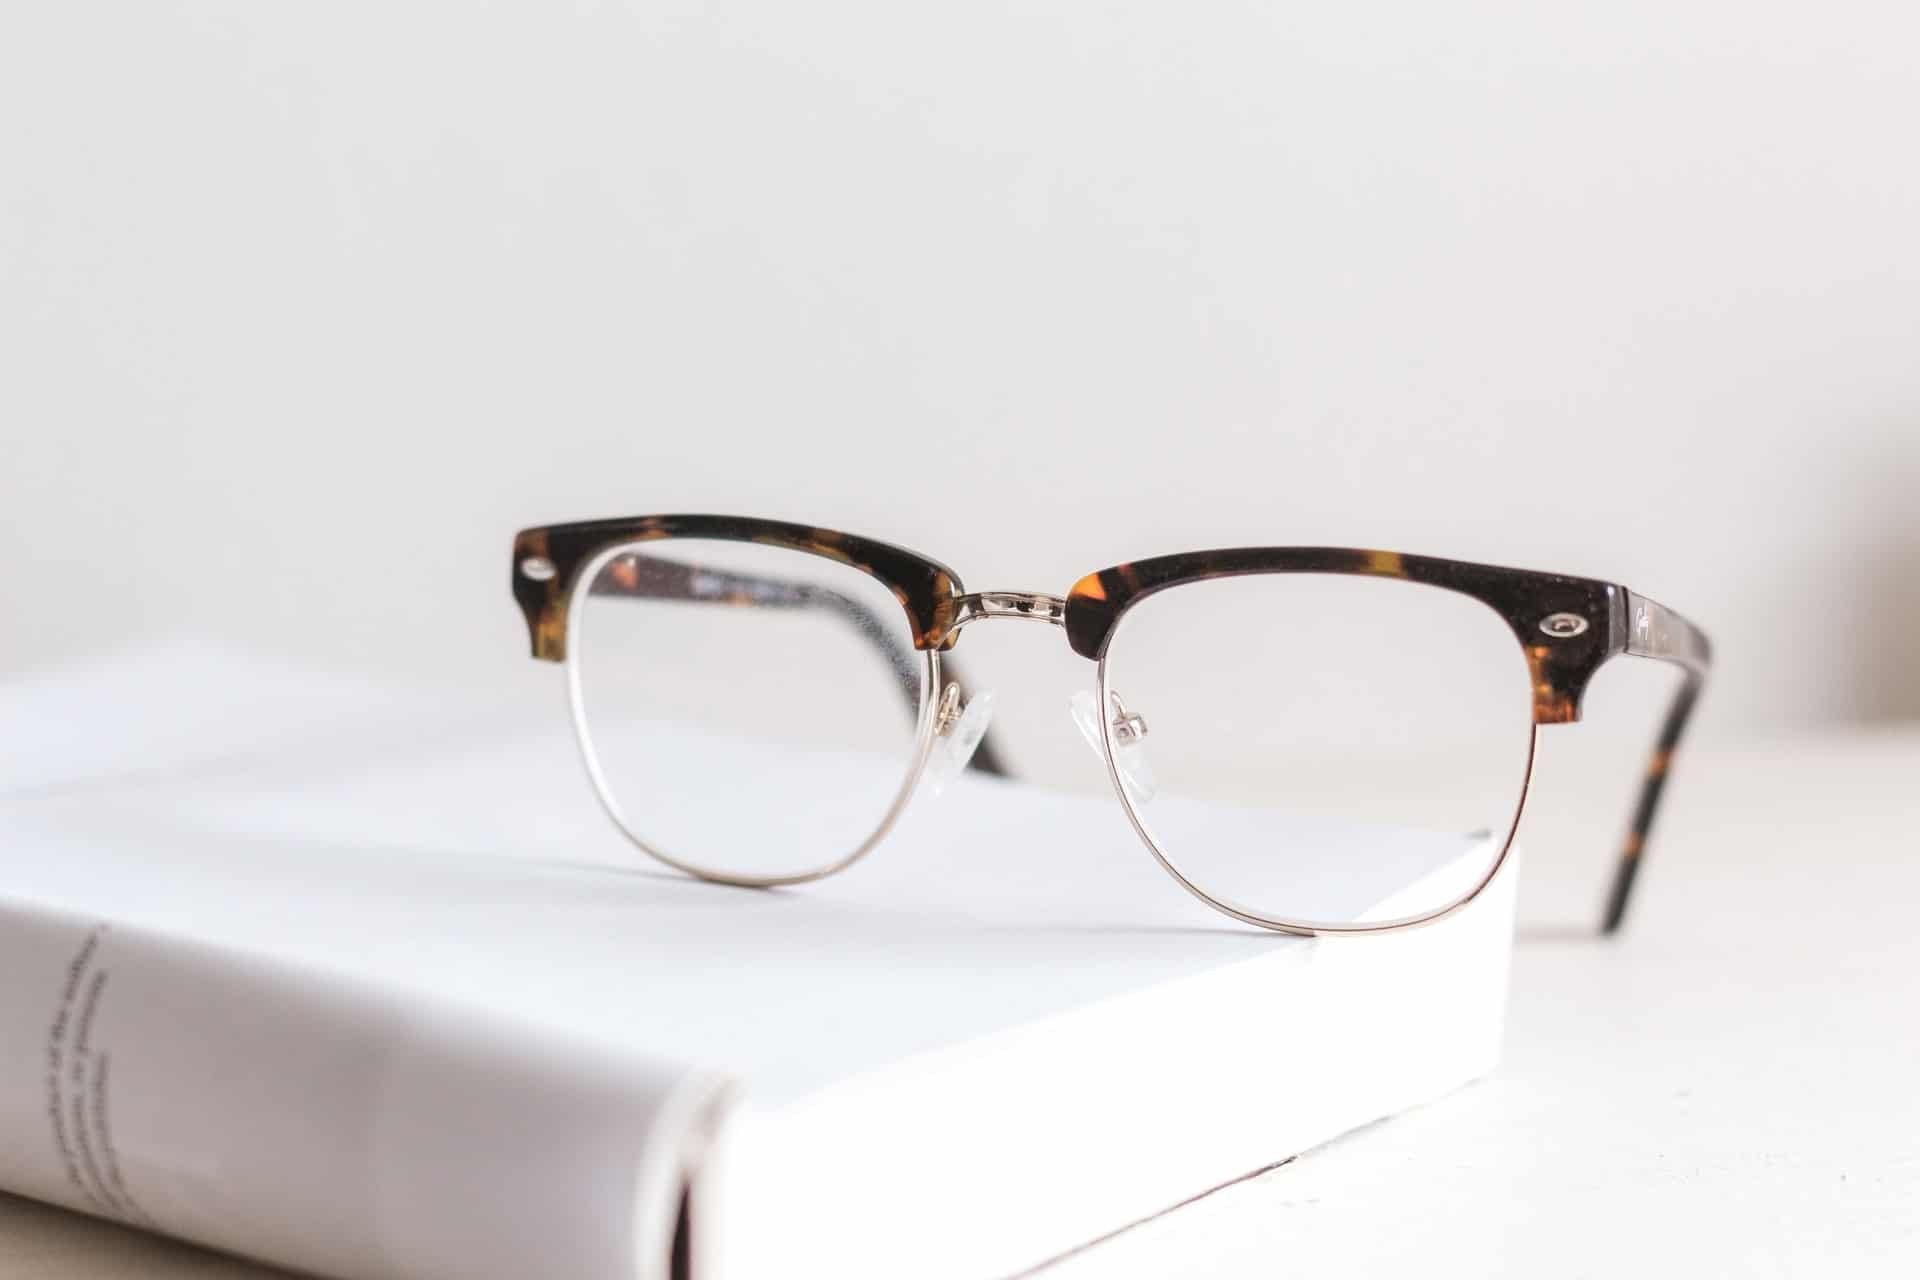 kwsoft barrierefreiheit brille auf buch